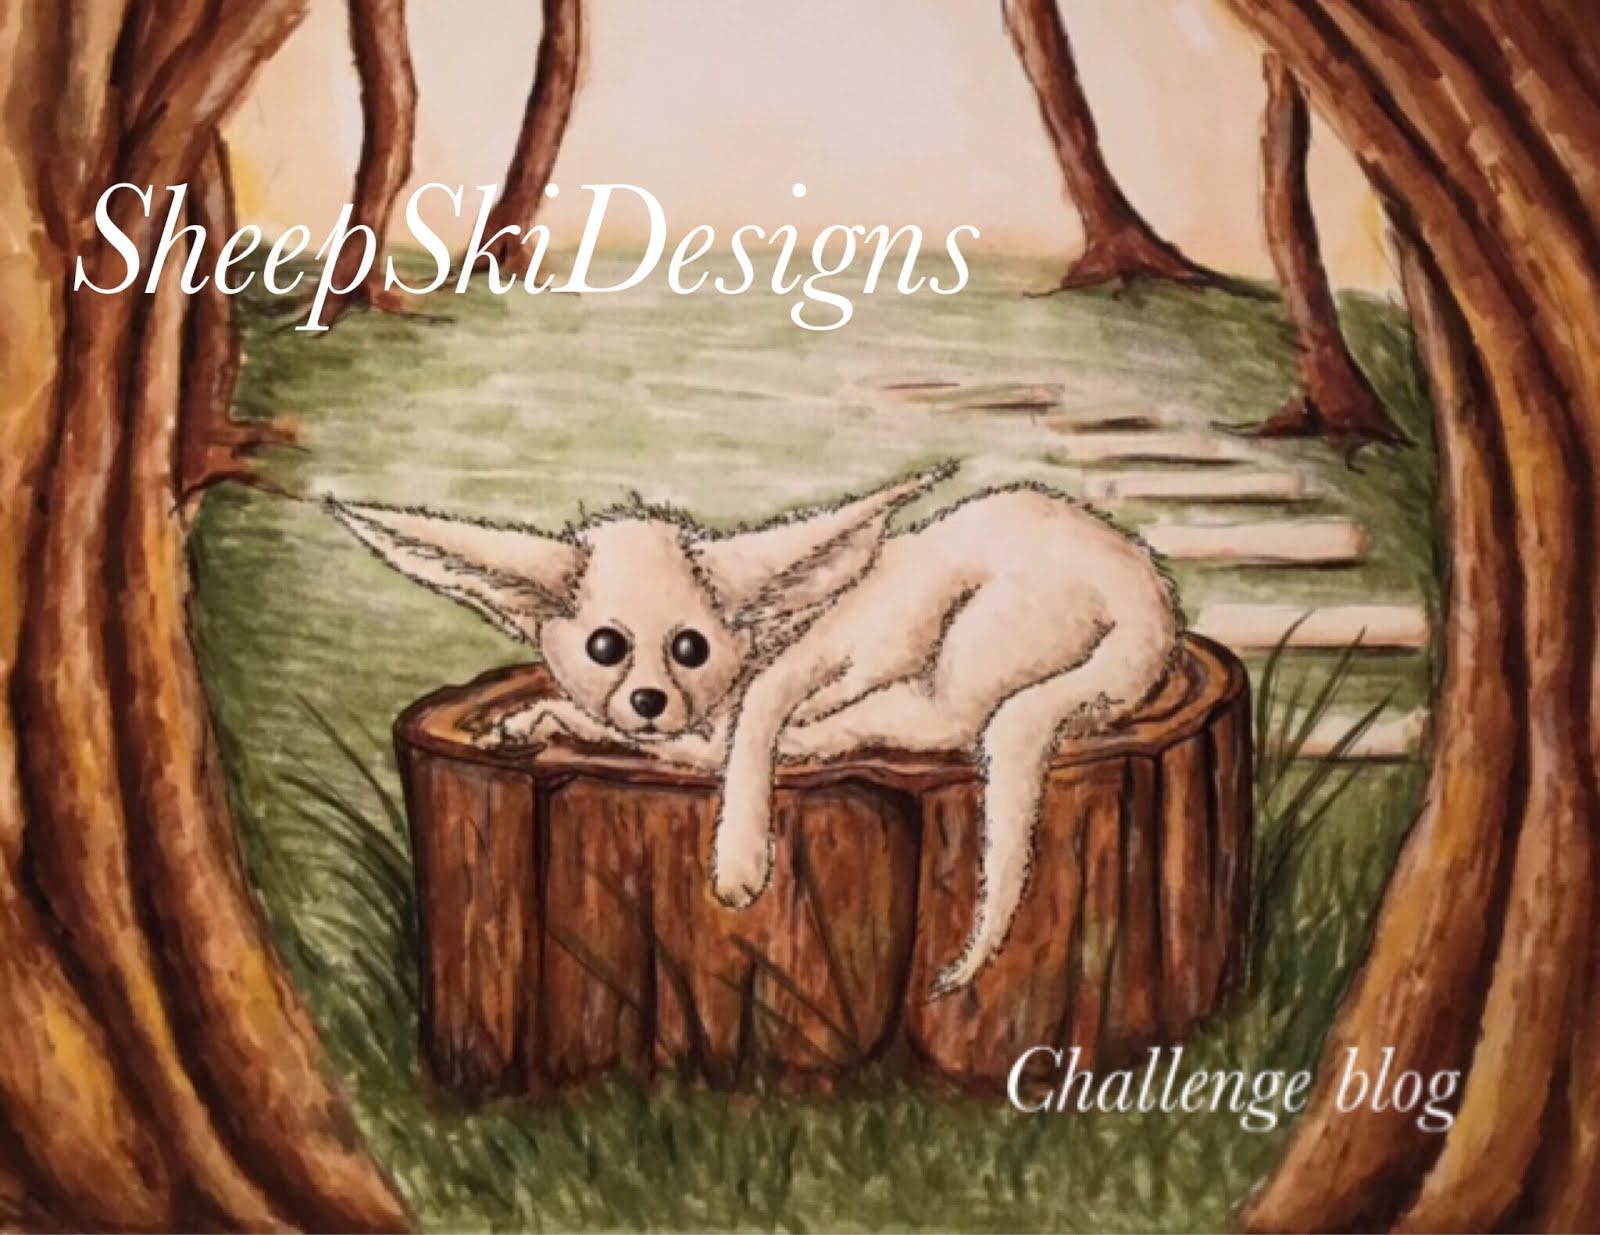 Sheepskin Designs